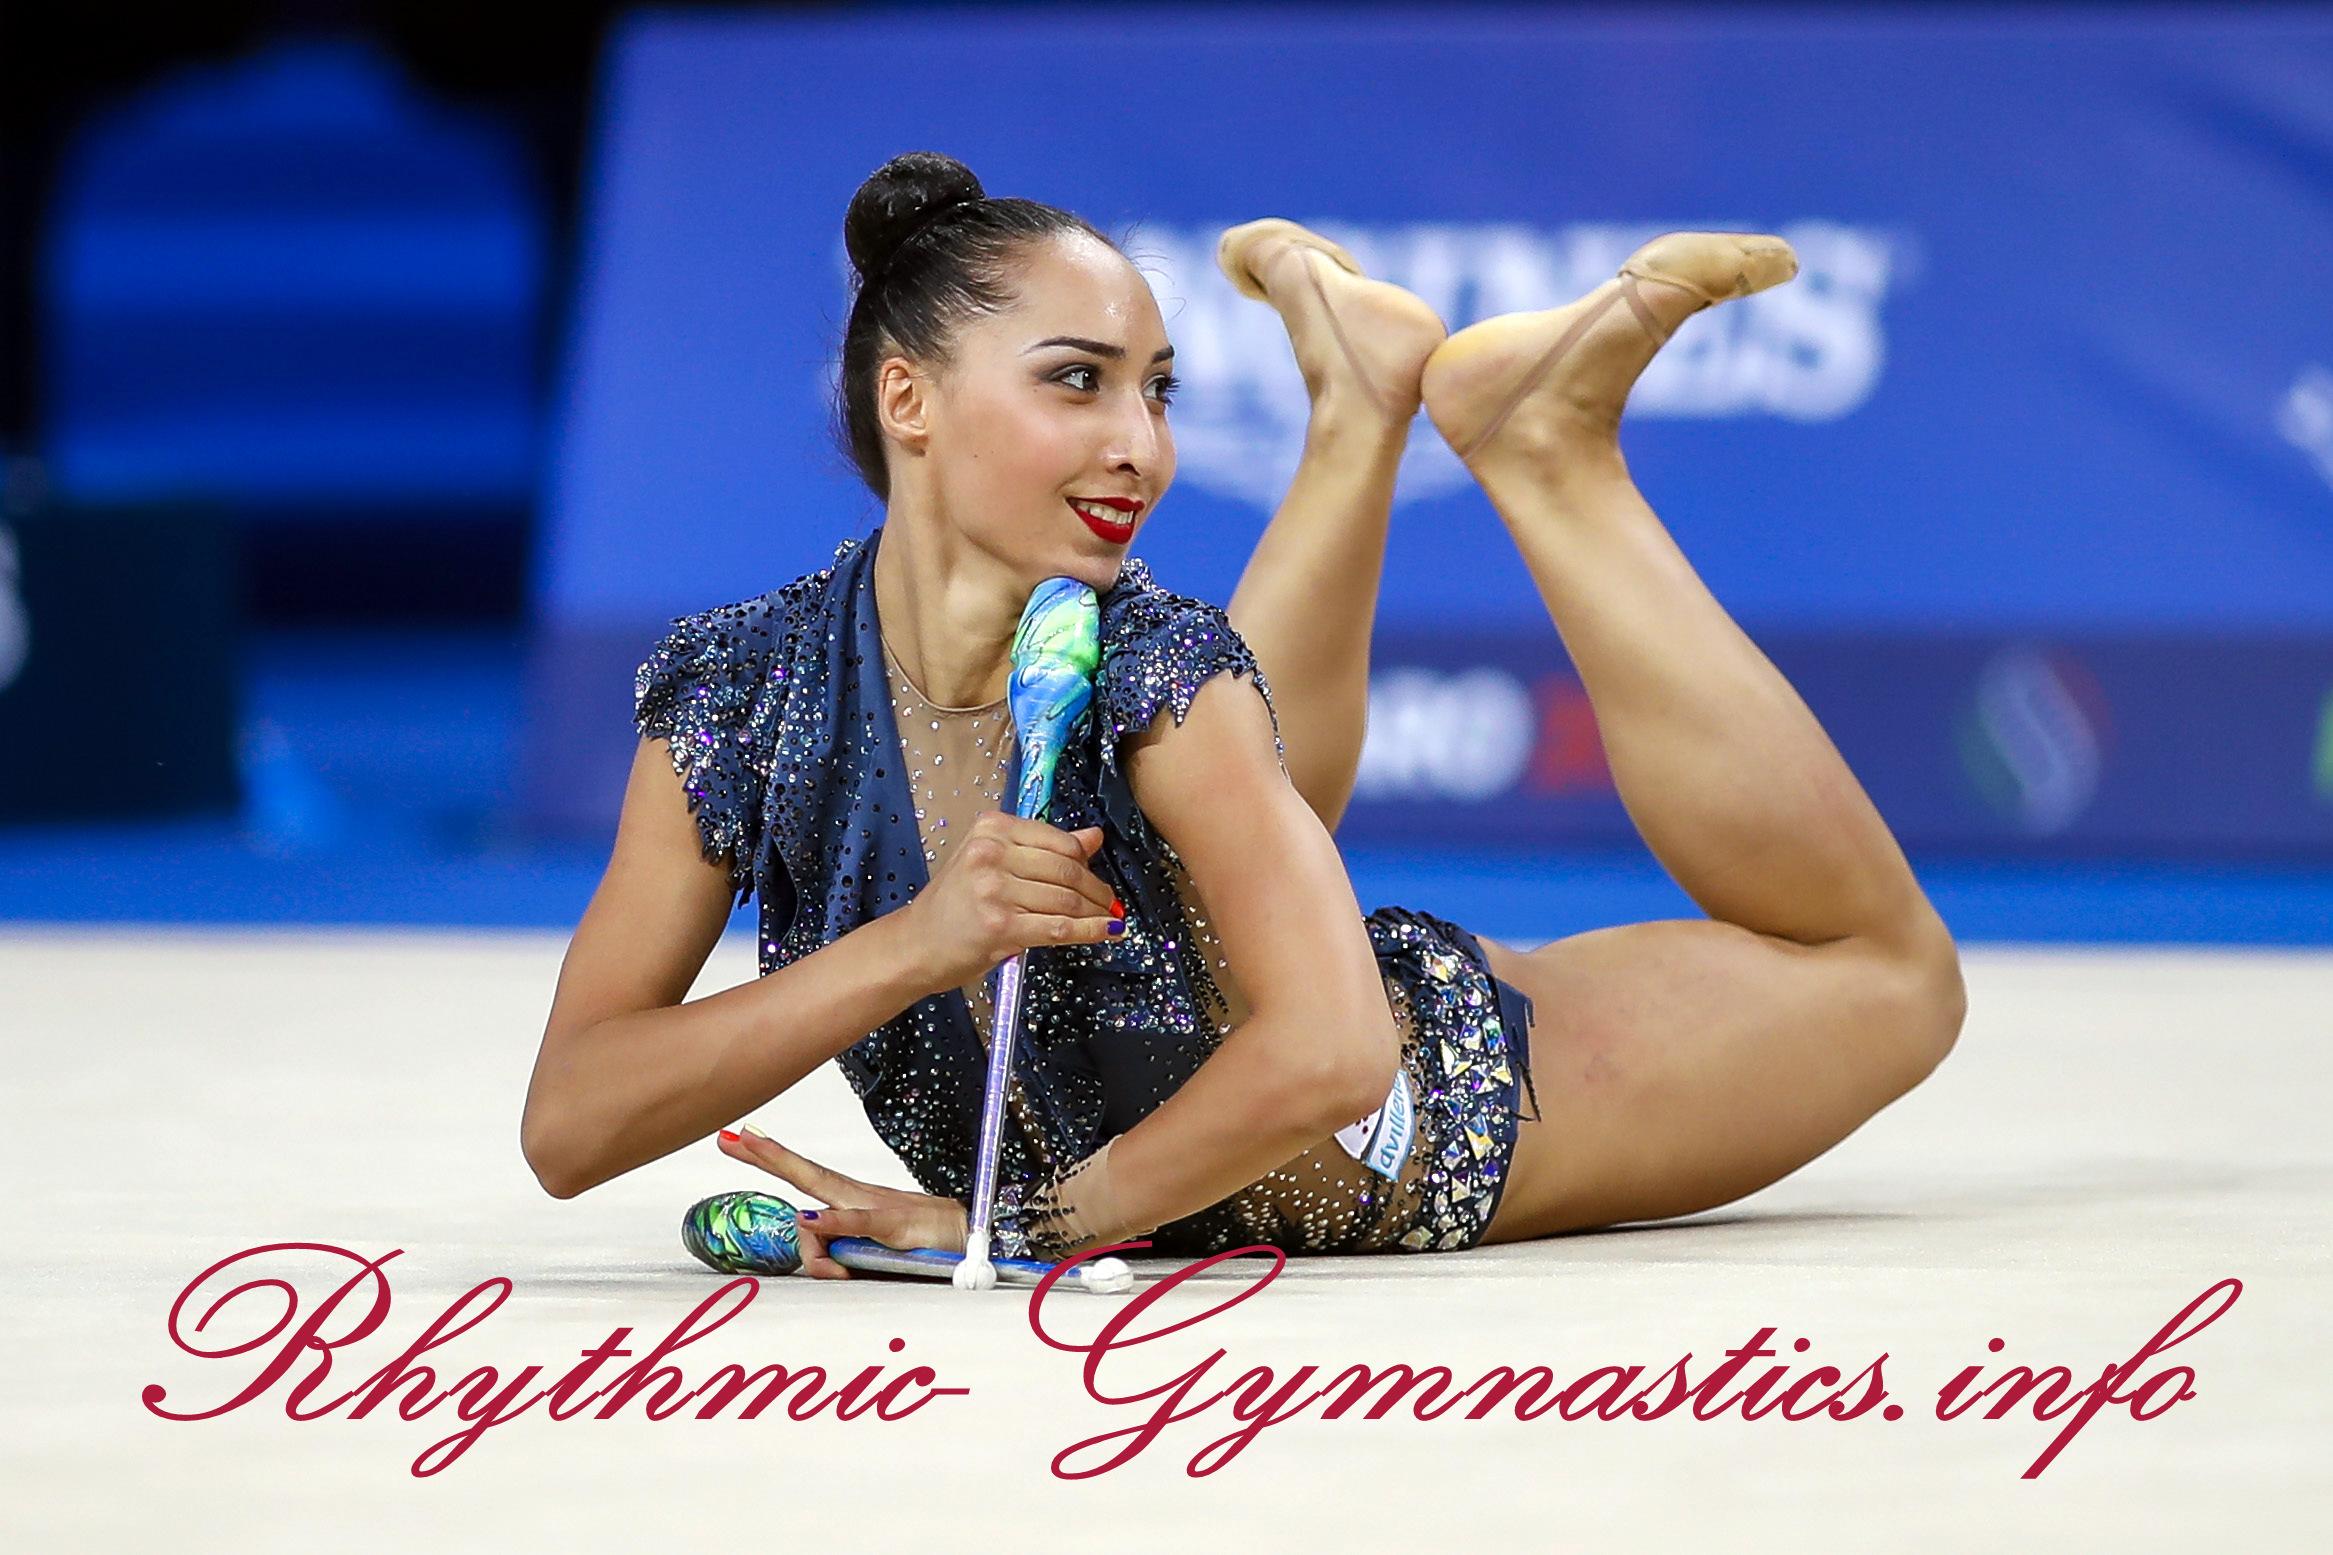 35th FIG Rhythmic Gymnastics World Championships in Pesaro, 31.08.2017